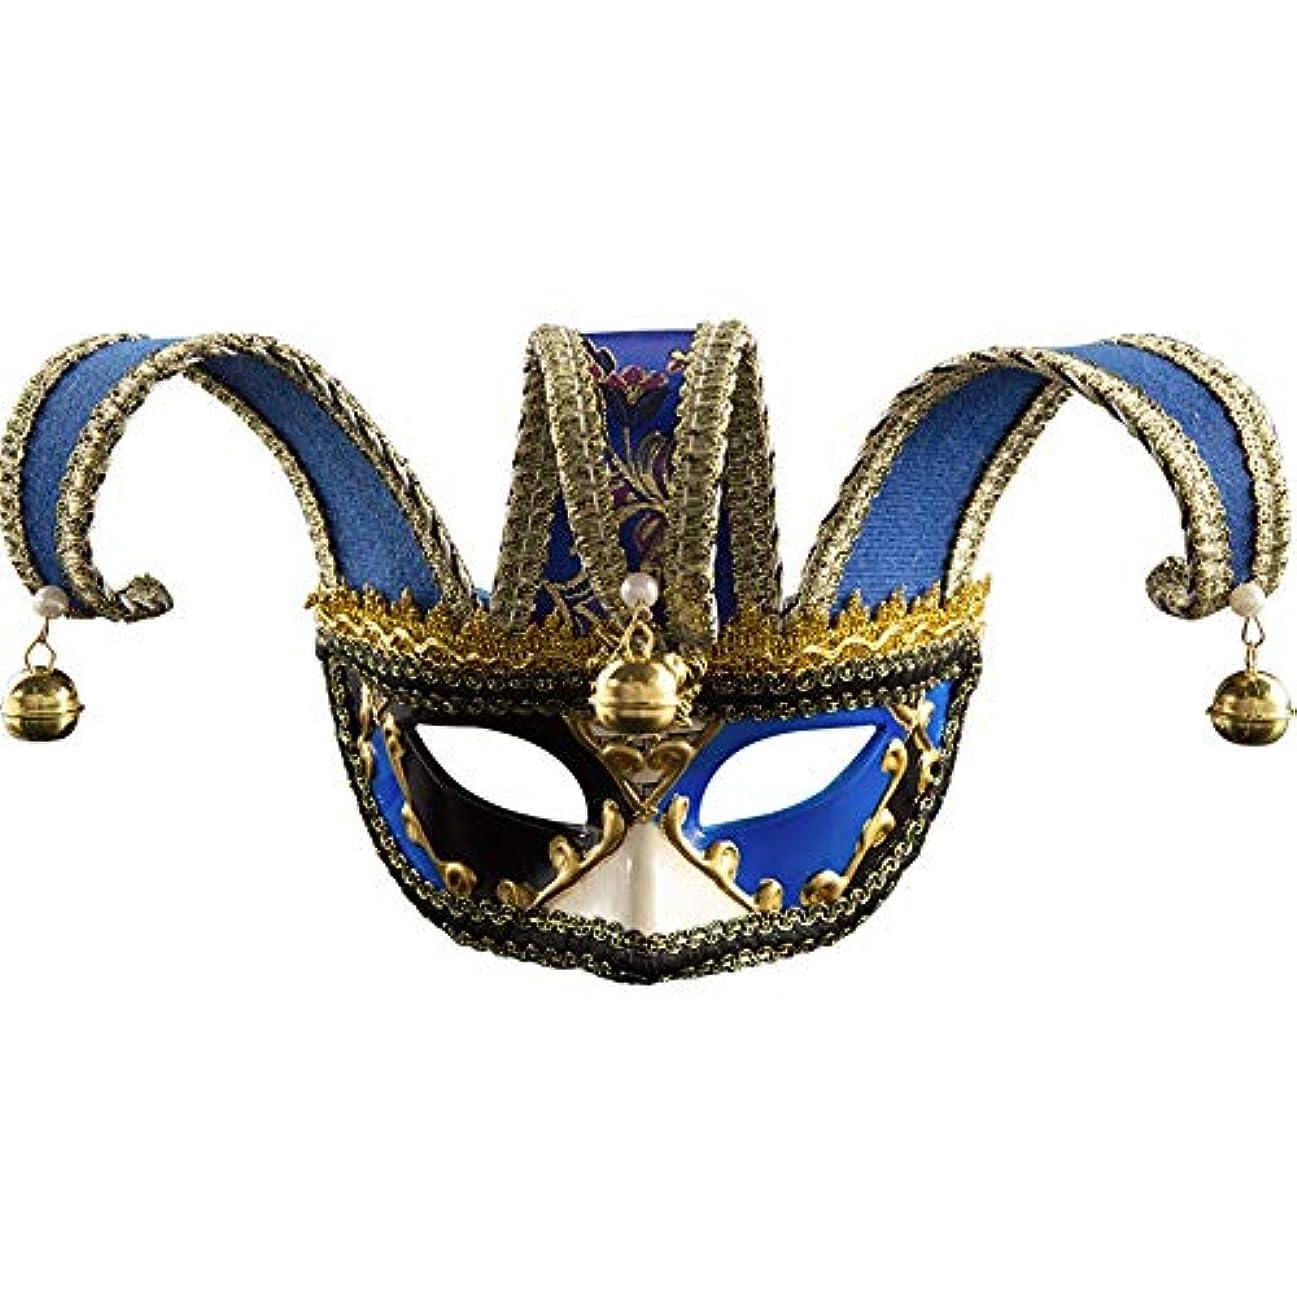 肥満効能画家ダンスマスク ナイトクラブ音楽カーニバルマスク雰囲気クリスマスフェスティバルプラスチックマスクイブニングパーティーボール ホリデーパーティー用品 (色 : 青, サイズ : 16.5x29cm)